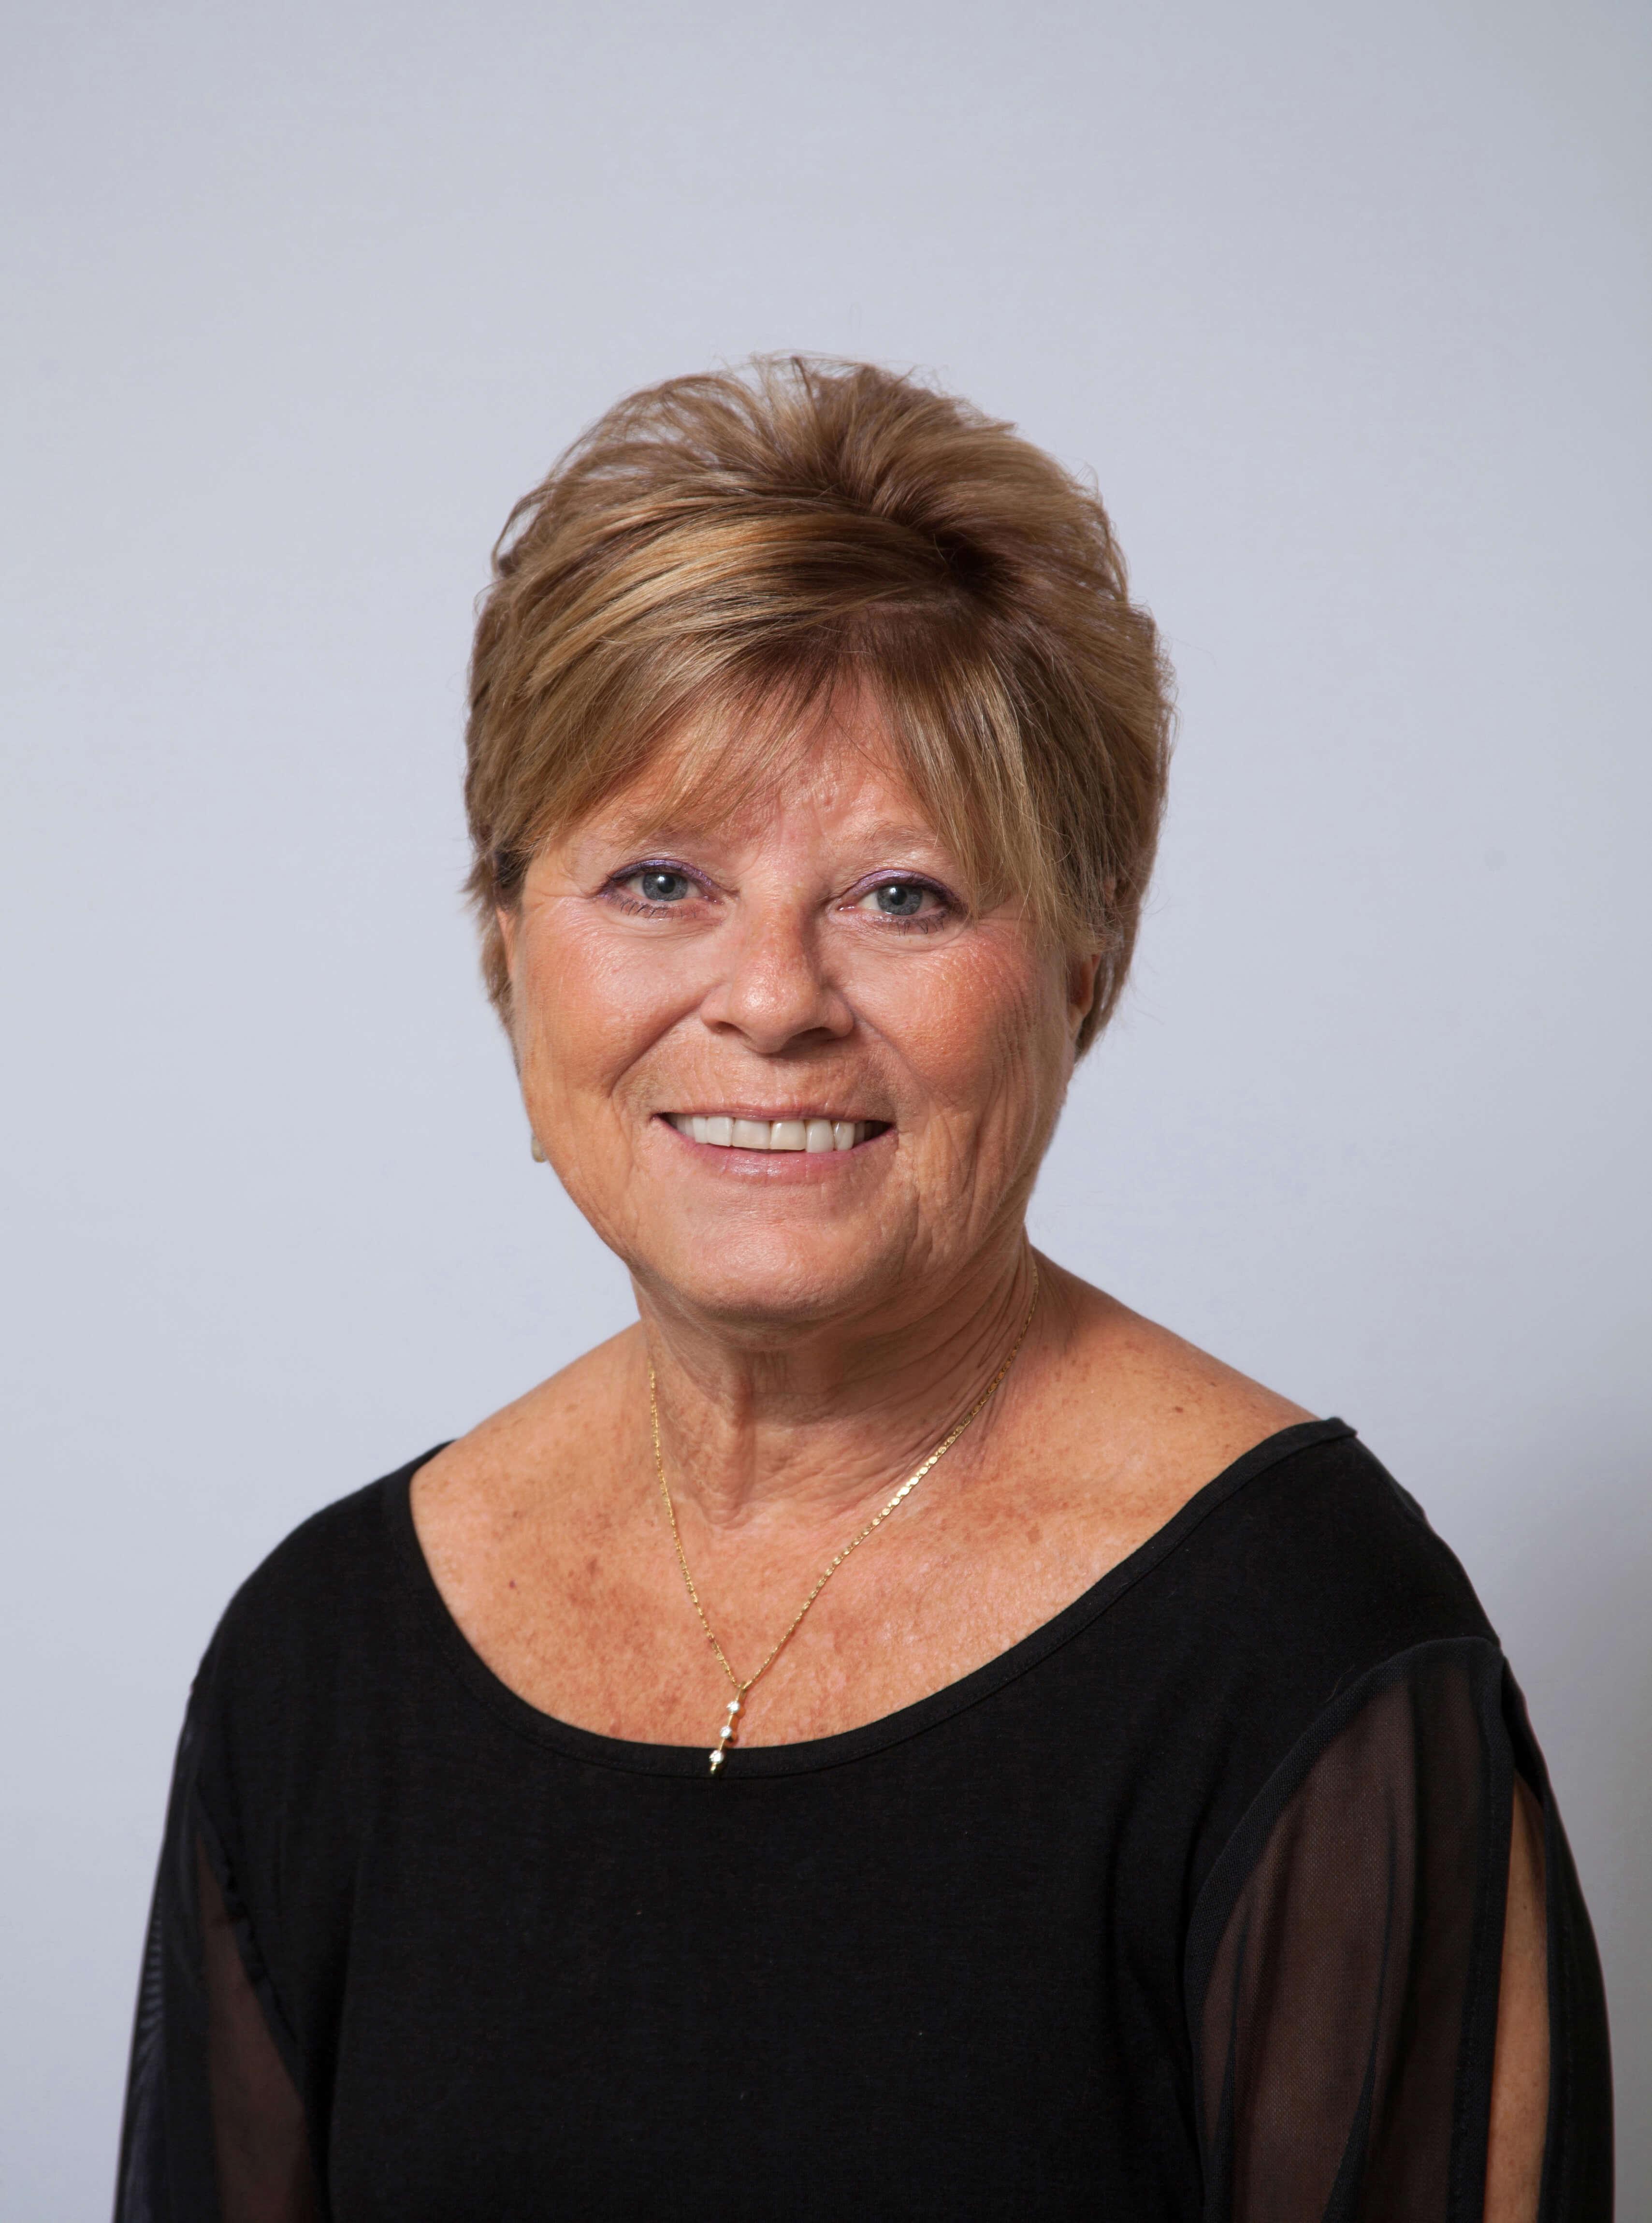 Helene MacDonald